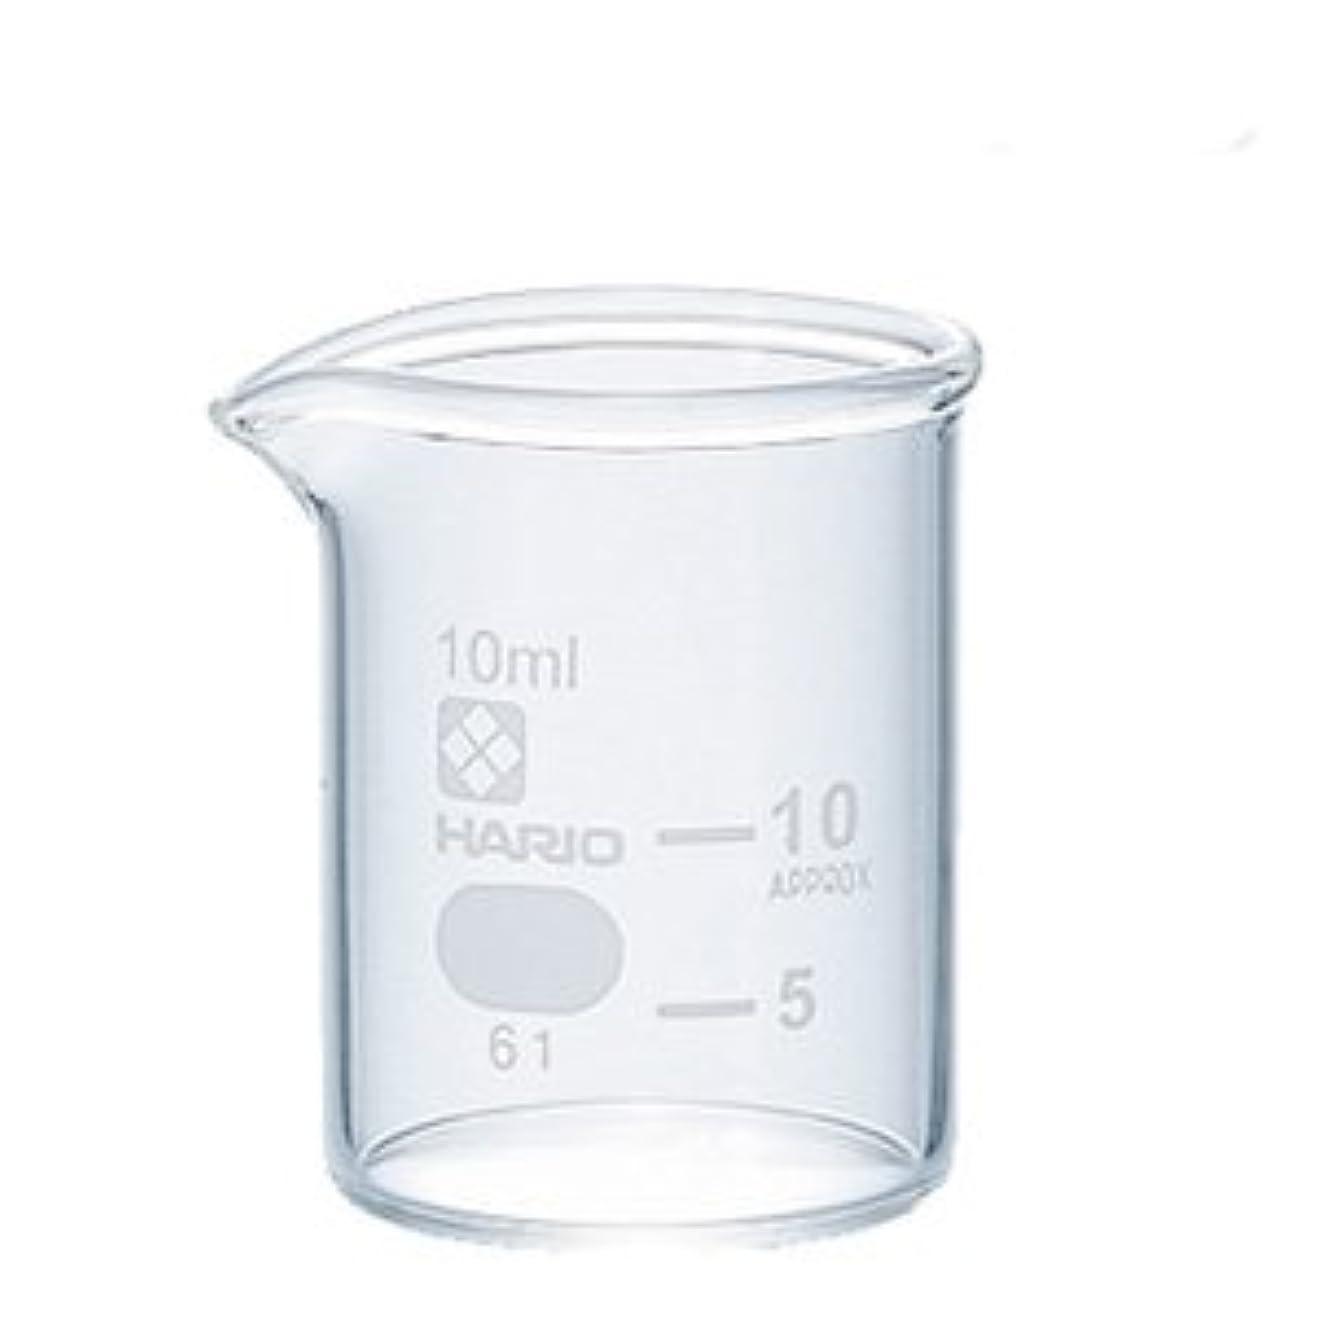 ビバジャケット回路ガラスビーカー 10ml 【手作り石鹸/手作りコスメ/手作り化粧品】